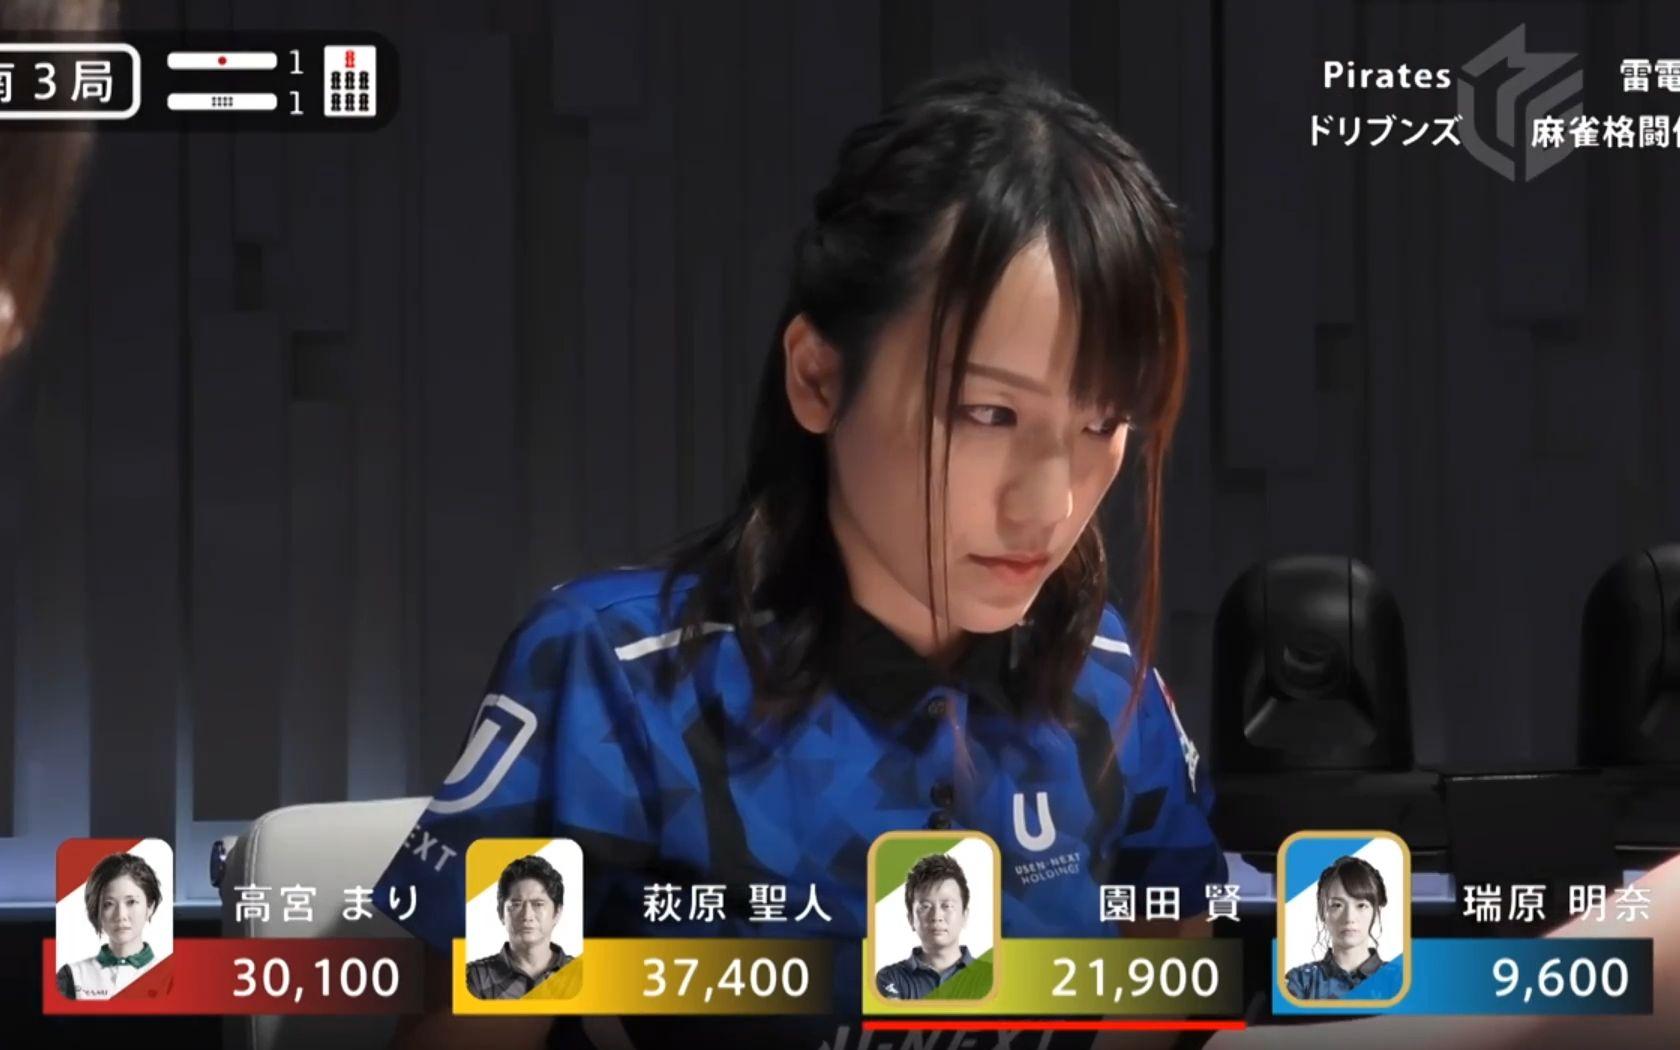 明奈 瑞原 最高位戦所属の女流プロ・瑞原明奈プロがめっちゃ可愛い!